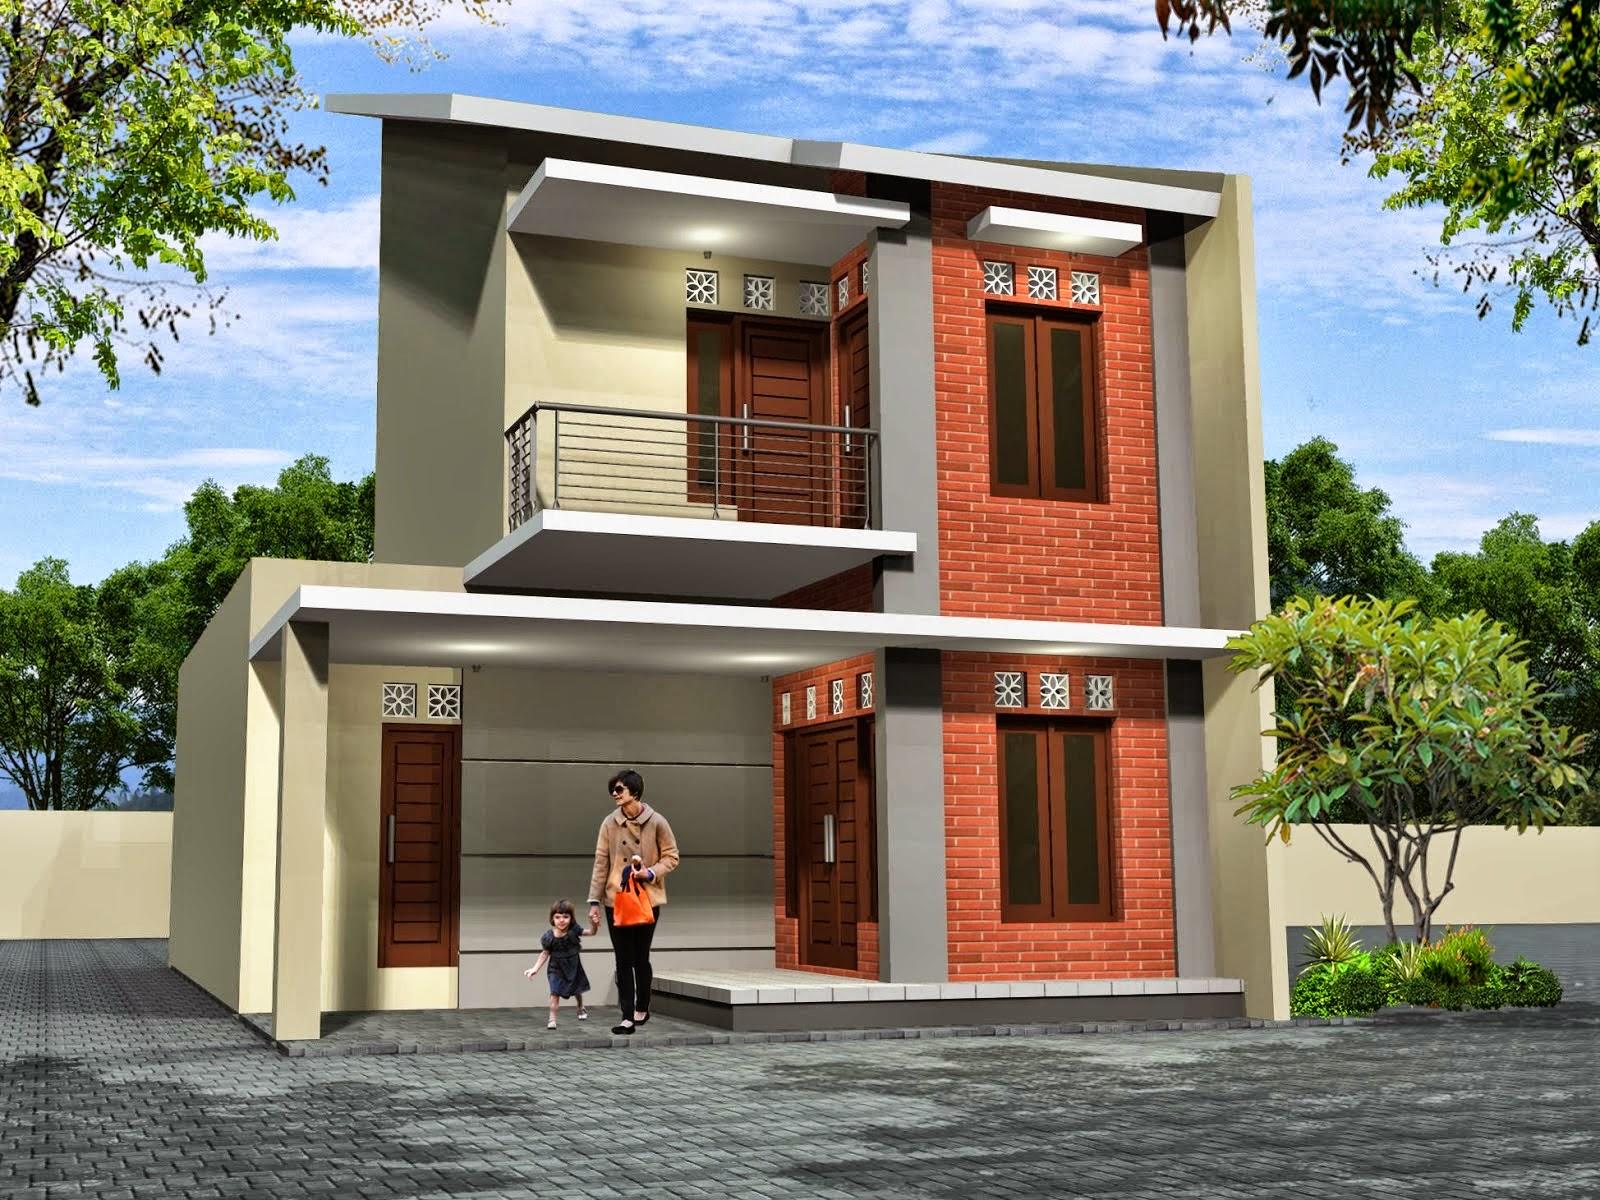 Desain Rumah 2 Lantai Gaya Minimalis Jual Bata Ekspos